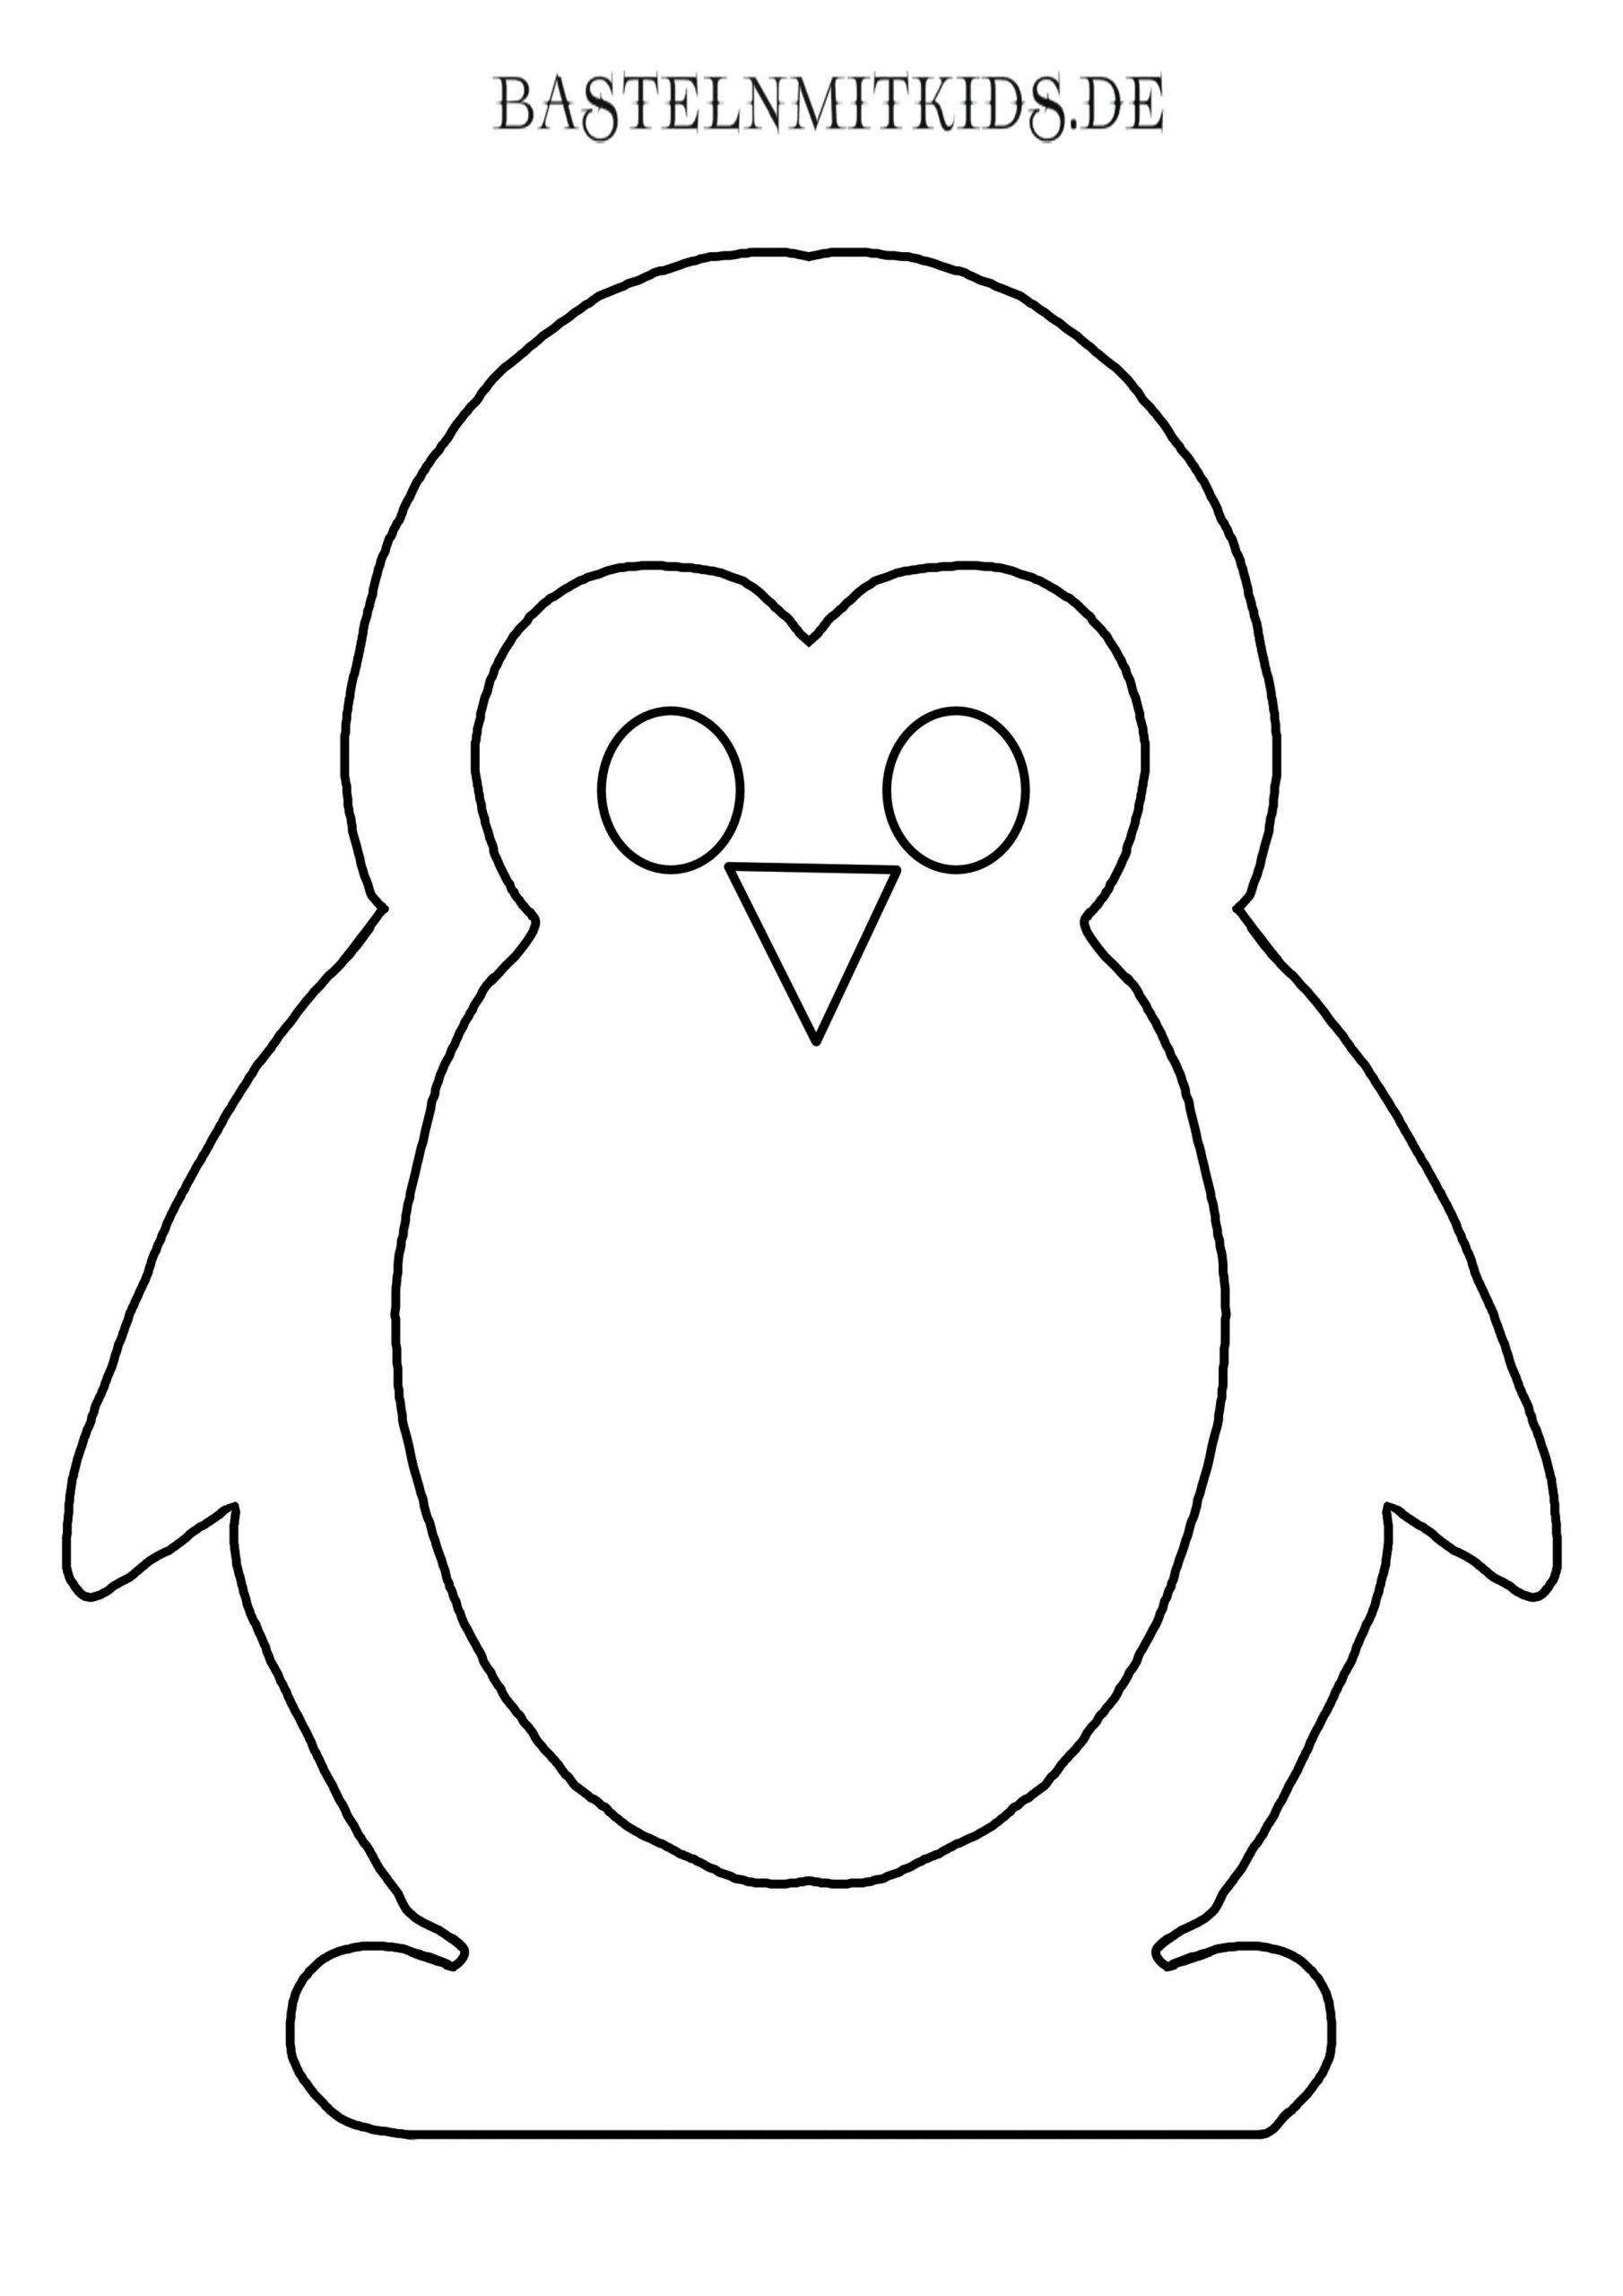 Malvorlagen Und Briefpapier Gratis Zum Drucken - Basteln Mit verwandt mit Pinguin Bastelvorlage